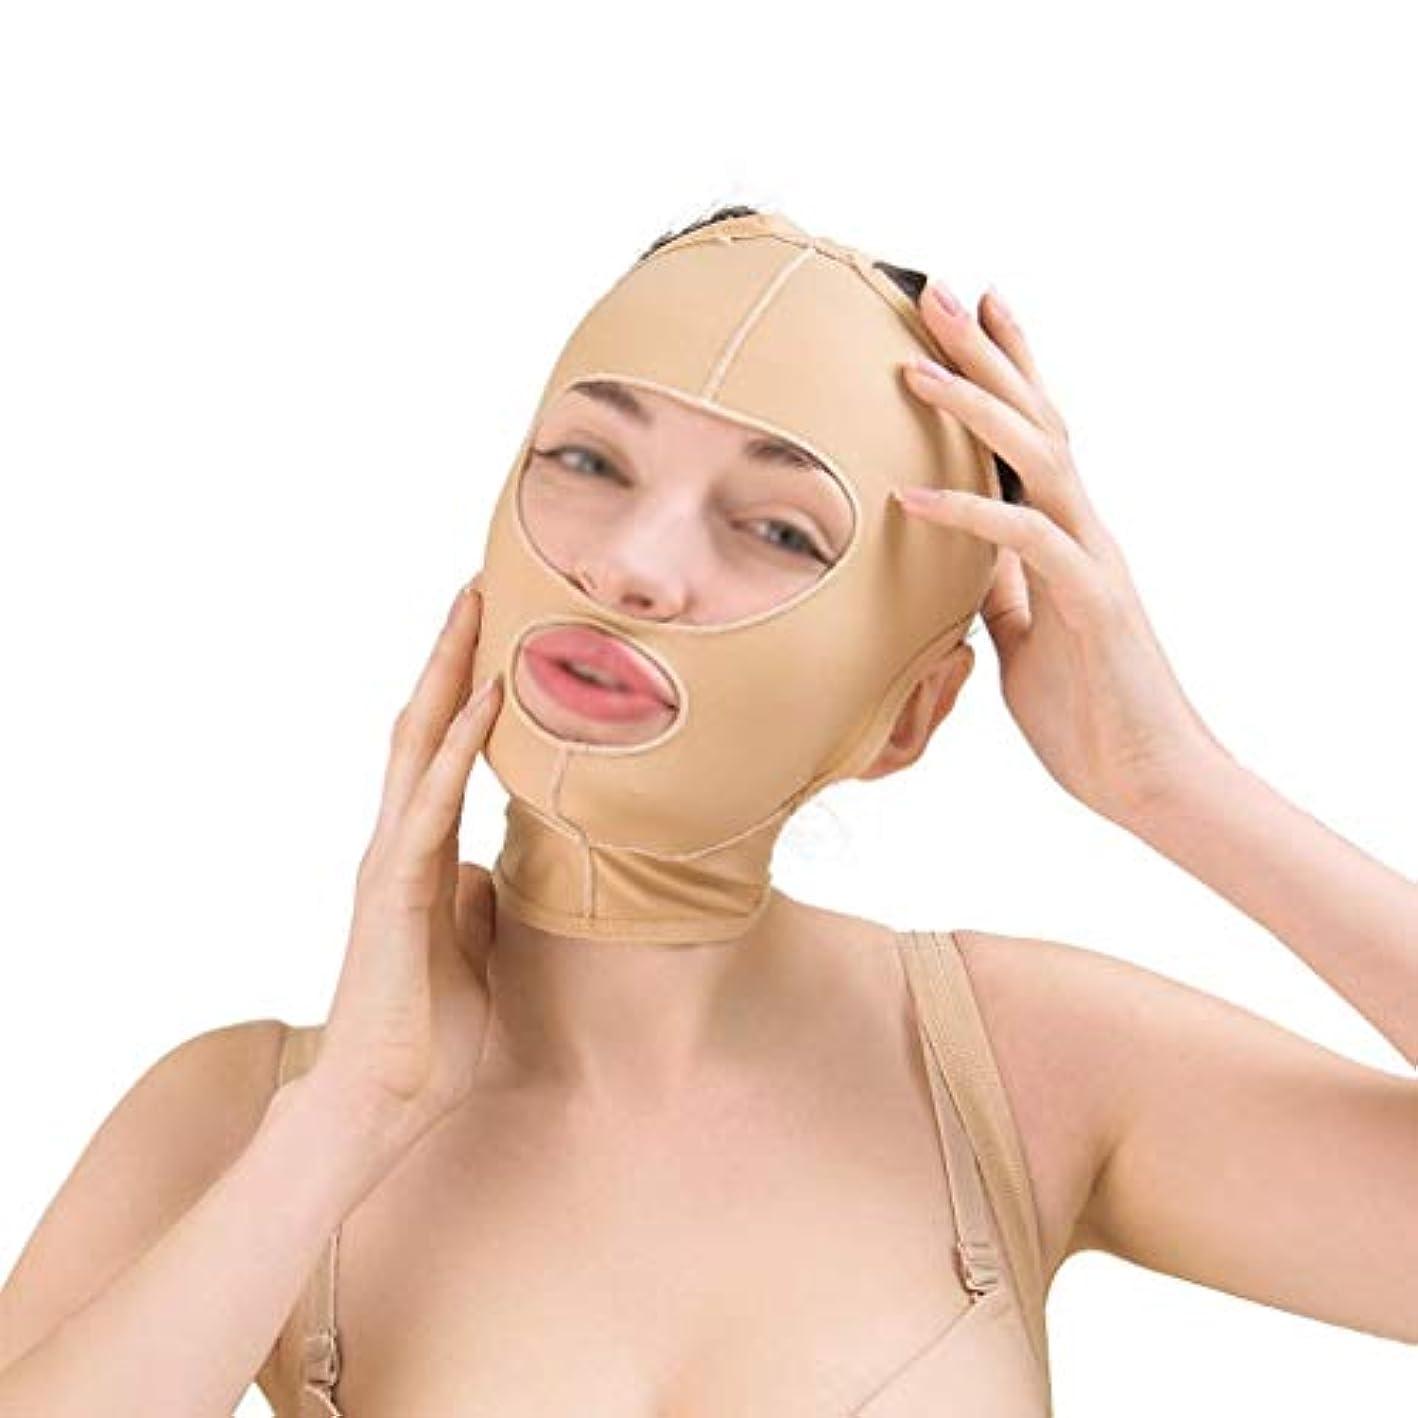 敬の念予定シーン美容フェイスリフト減量ベルト、ほおスリムフィット、通気性フェイスリフト、引き締め、リフティング包帯、フェイシャルスキン包帯(サイズ:M),L